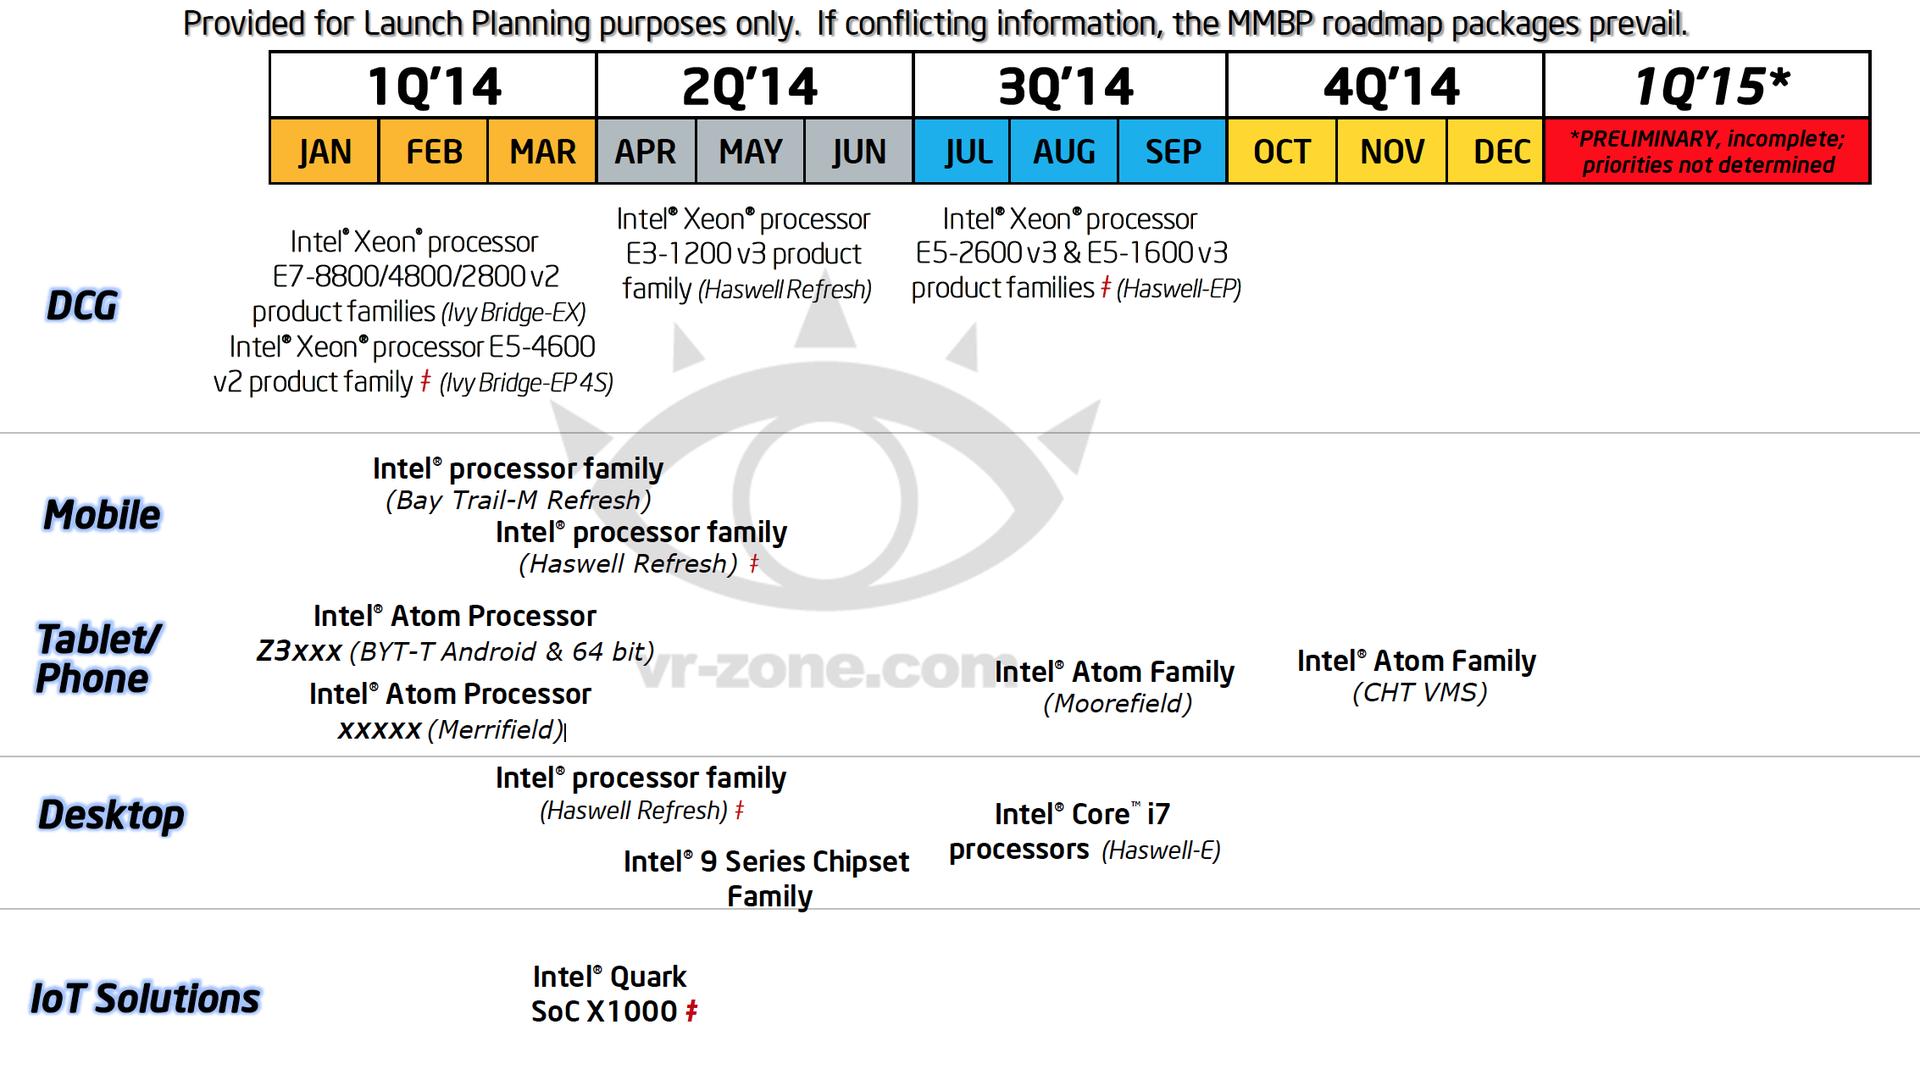 Start-Zeitfenster für viele neue Intel-Produkte